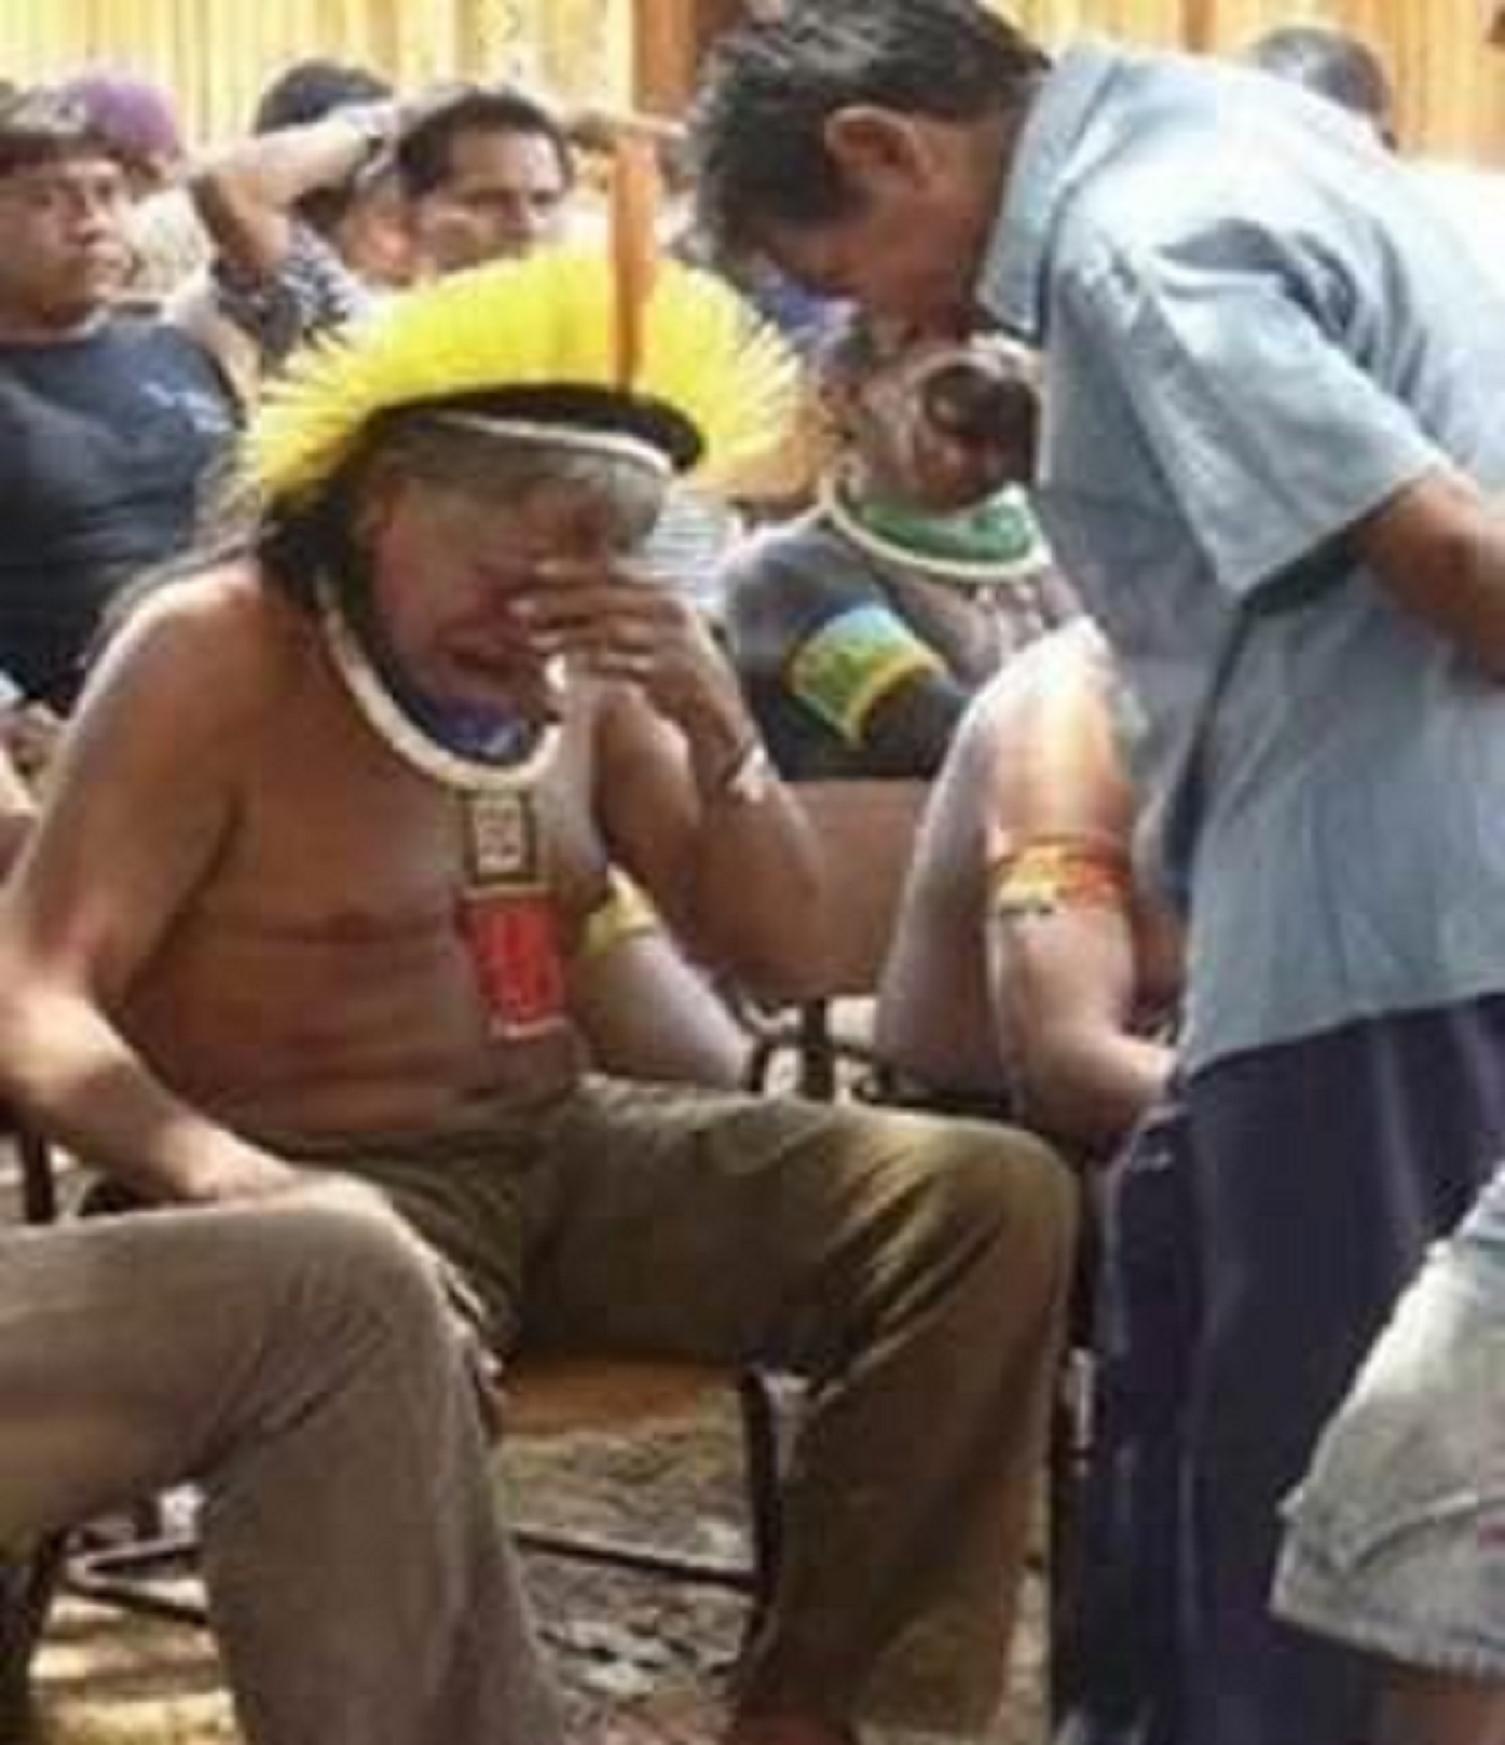 Μία γενοκτονία ξεκινᾶ στὴν Βραζιλία. Ἀλλά τί μᾶς νοιάζει ἐμᾶς;